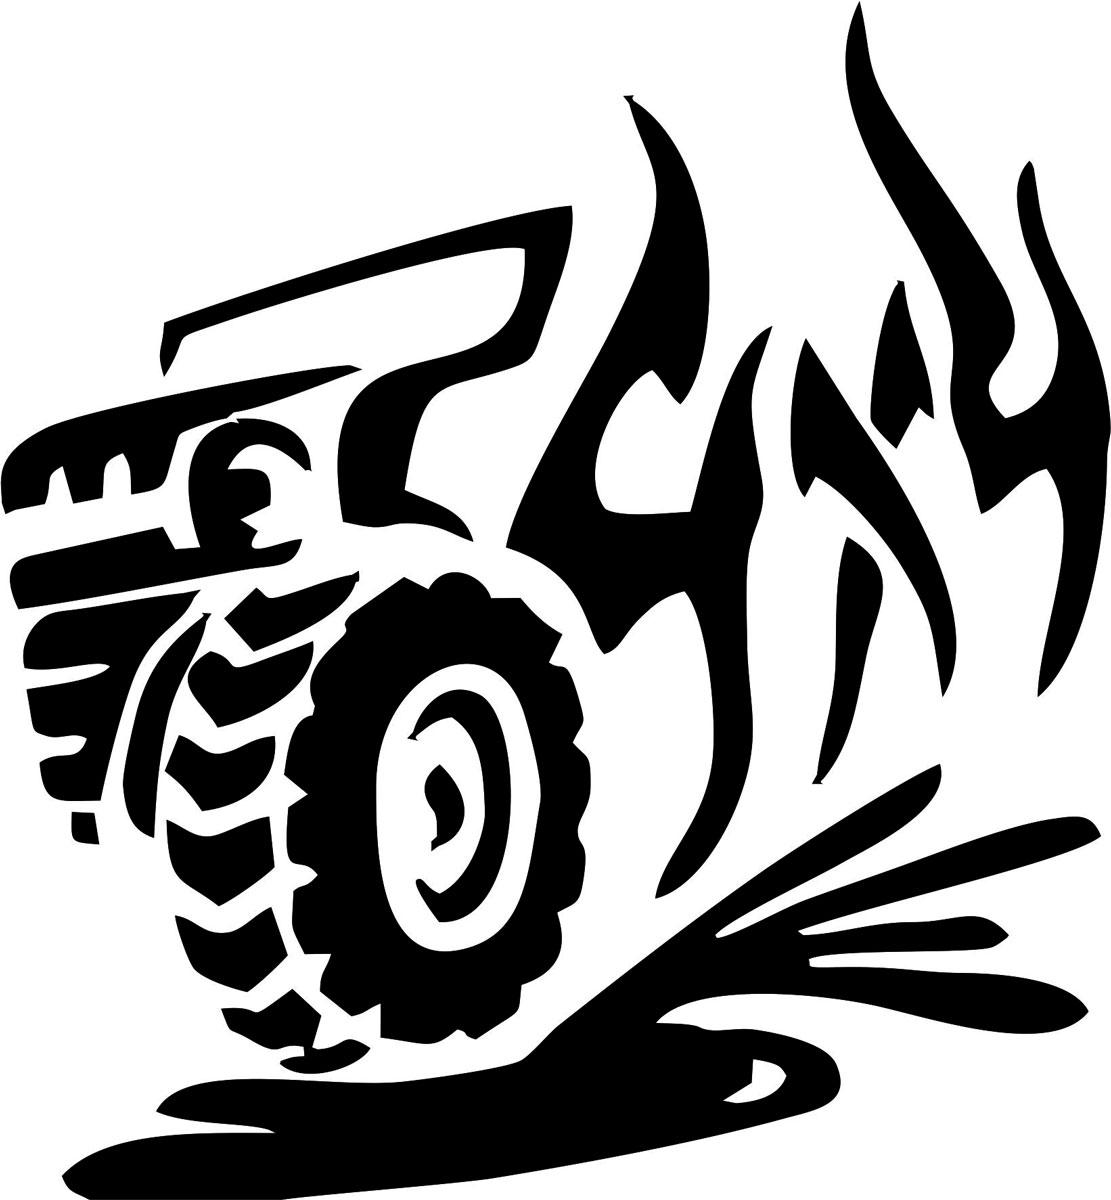 Наклейка автомобильная Оранжевый слоник 4х4. Джип, виниловая, цвет: черный150440002BОригинальная наклейка Оранжевый слоник 4х4. Джип изготовлена из высококачественной виниловой пленки, которая выполняет не только декоративную функцию, но и защищает кузов автомобиля от небольших механических повреждений, либо скрывает уже существующие. Виниловые наклейки на автомобиль - это не только красиво, но еще и быстро! Всего за несколько минут вы можете полностью преобразить свой автомобиль, сделать его ярким, необычным, особенным и неповторимым!